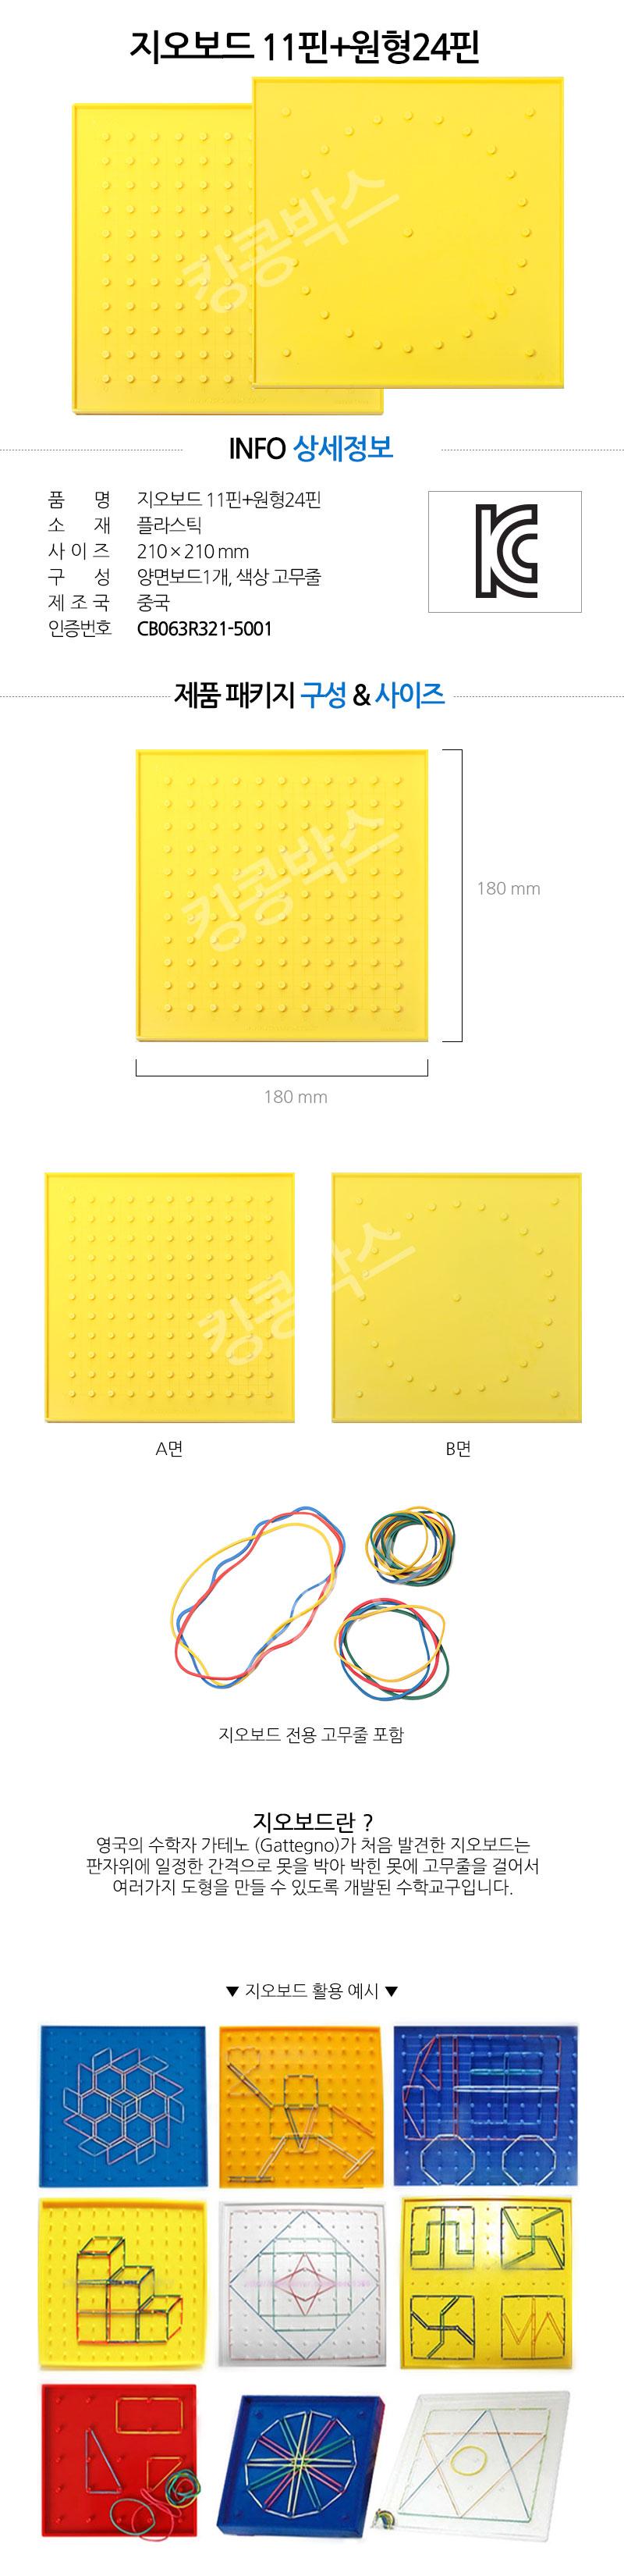 지오보드 11핀+원형24핀 - 킹콩박스, 7,000원, 조각/퍼즐, 맞춤퍼즐